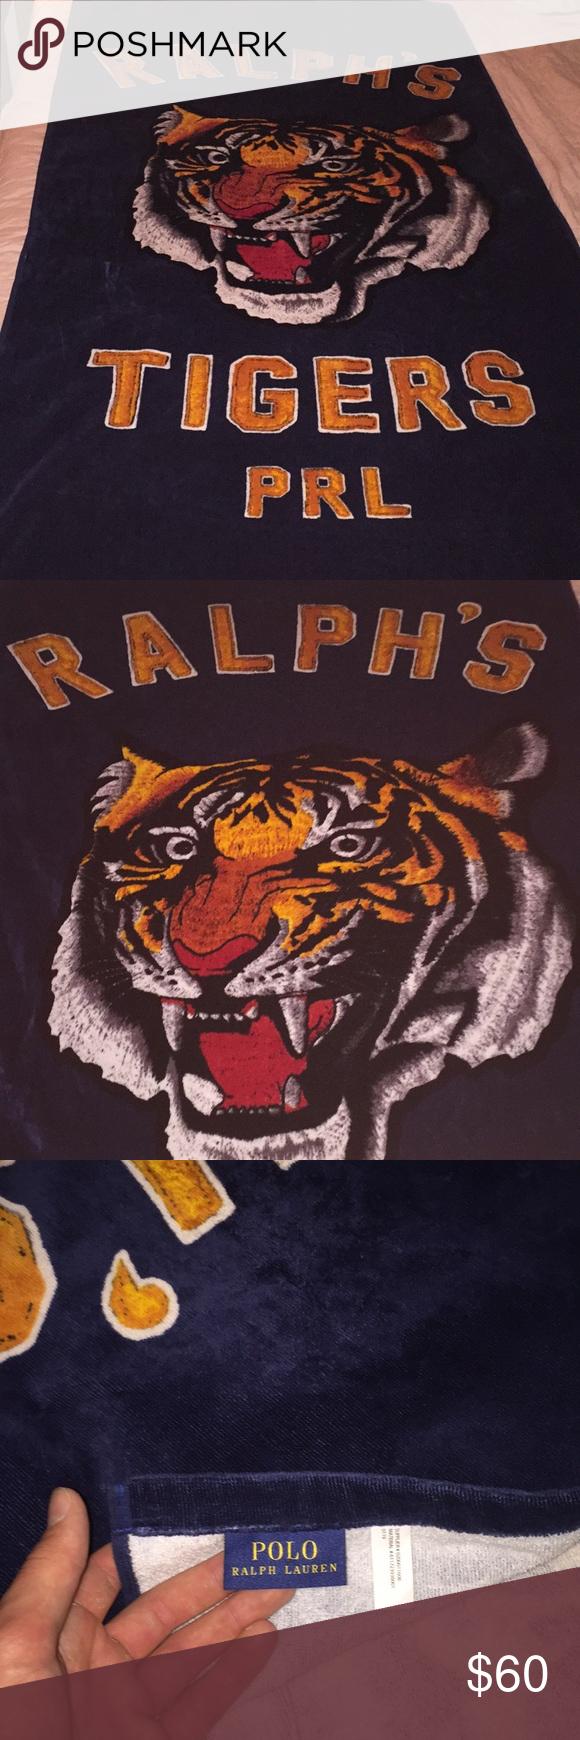 Polo Ralph Lauren Ralph Ltd Ed Tiger Beach Towel Hot